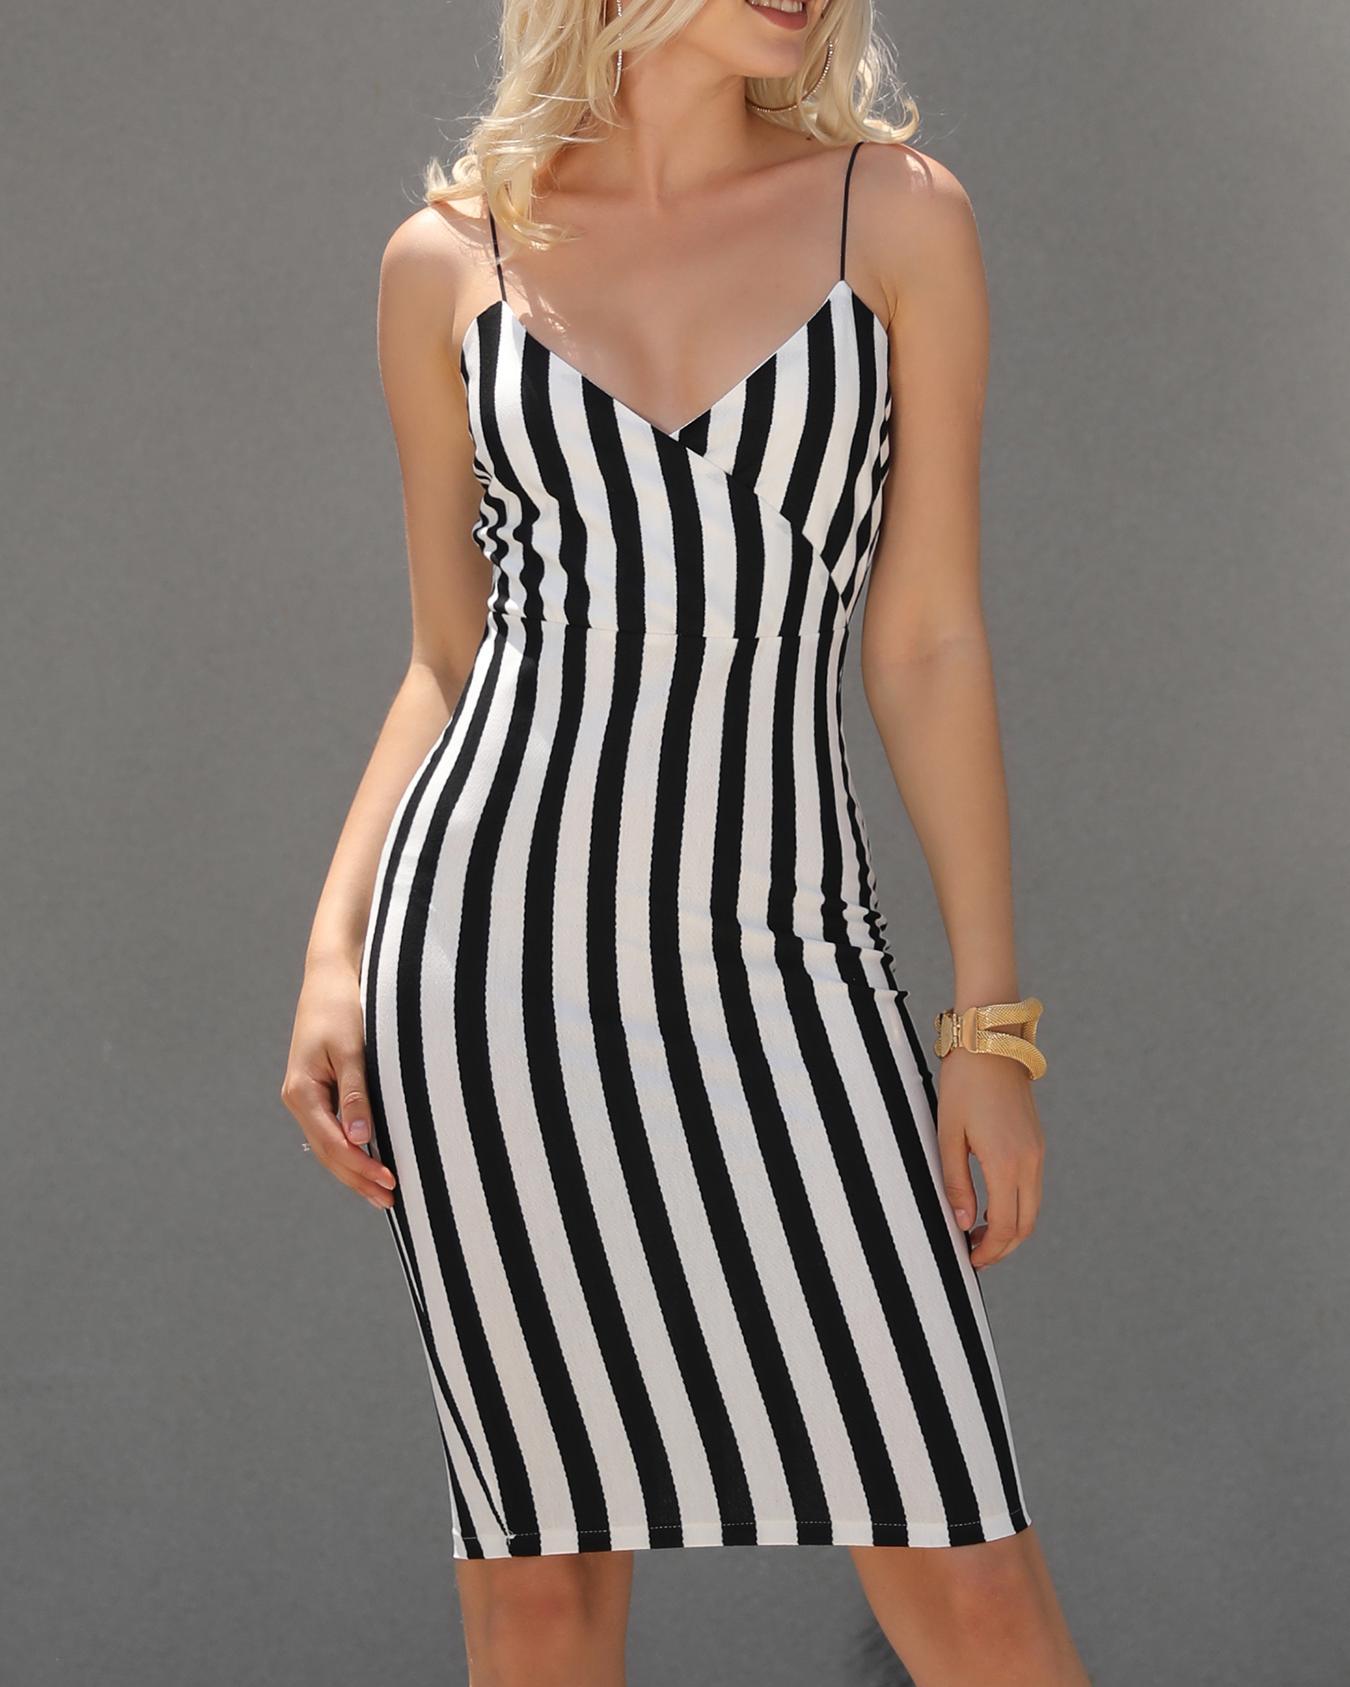 Joyshoetique coupon: Sexy Striped Wrapped Slip Bodycon Dress